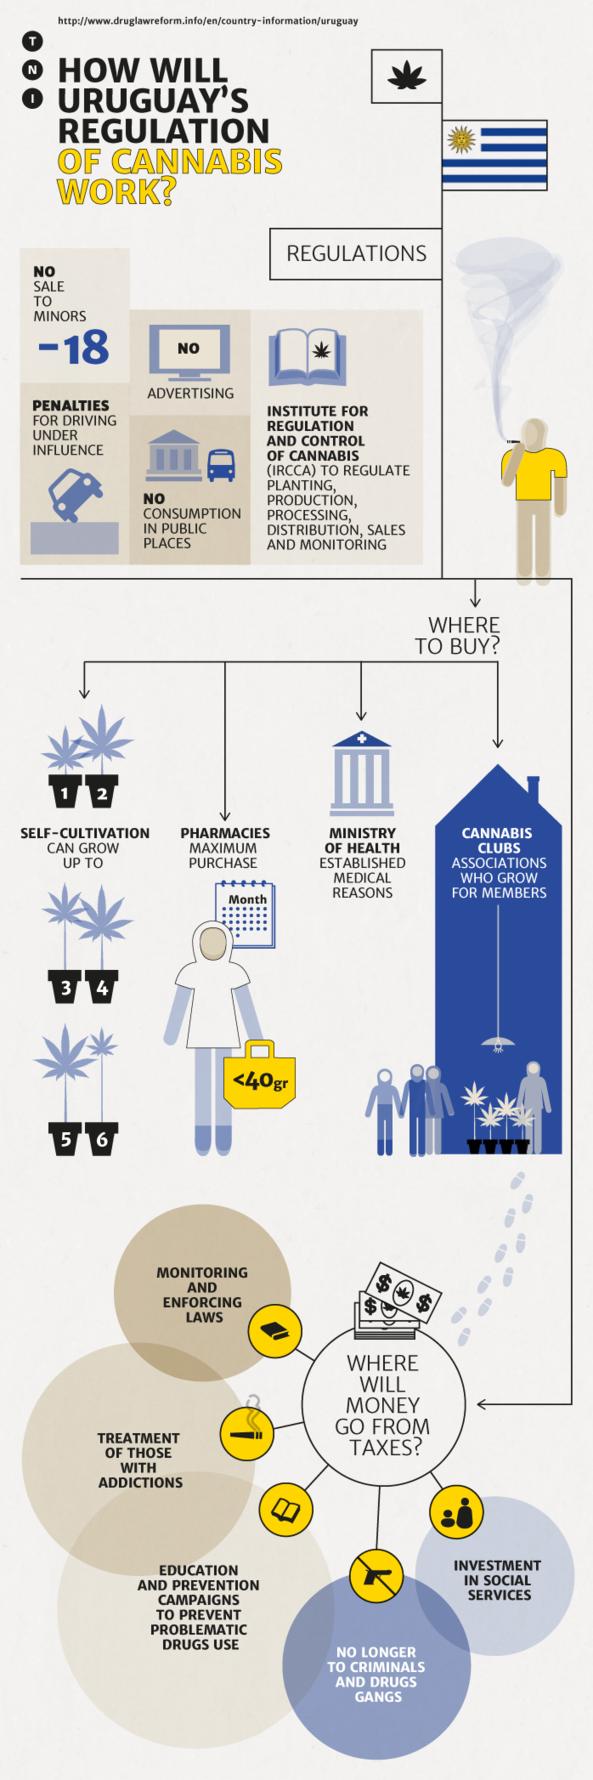 Uruguay_WEB_infographic2.resized